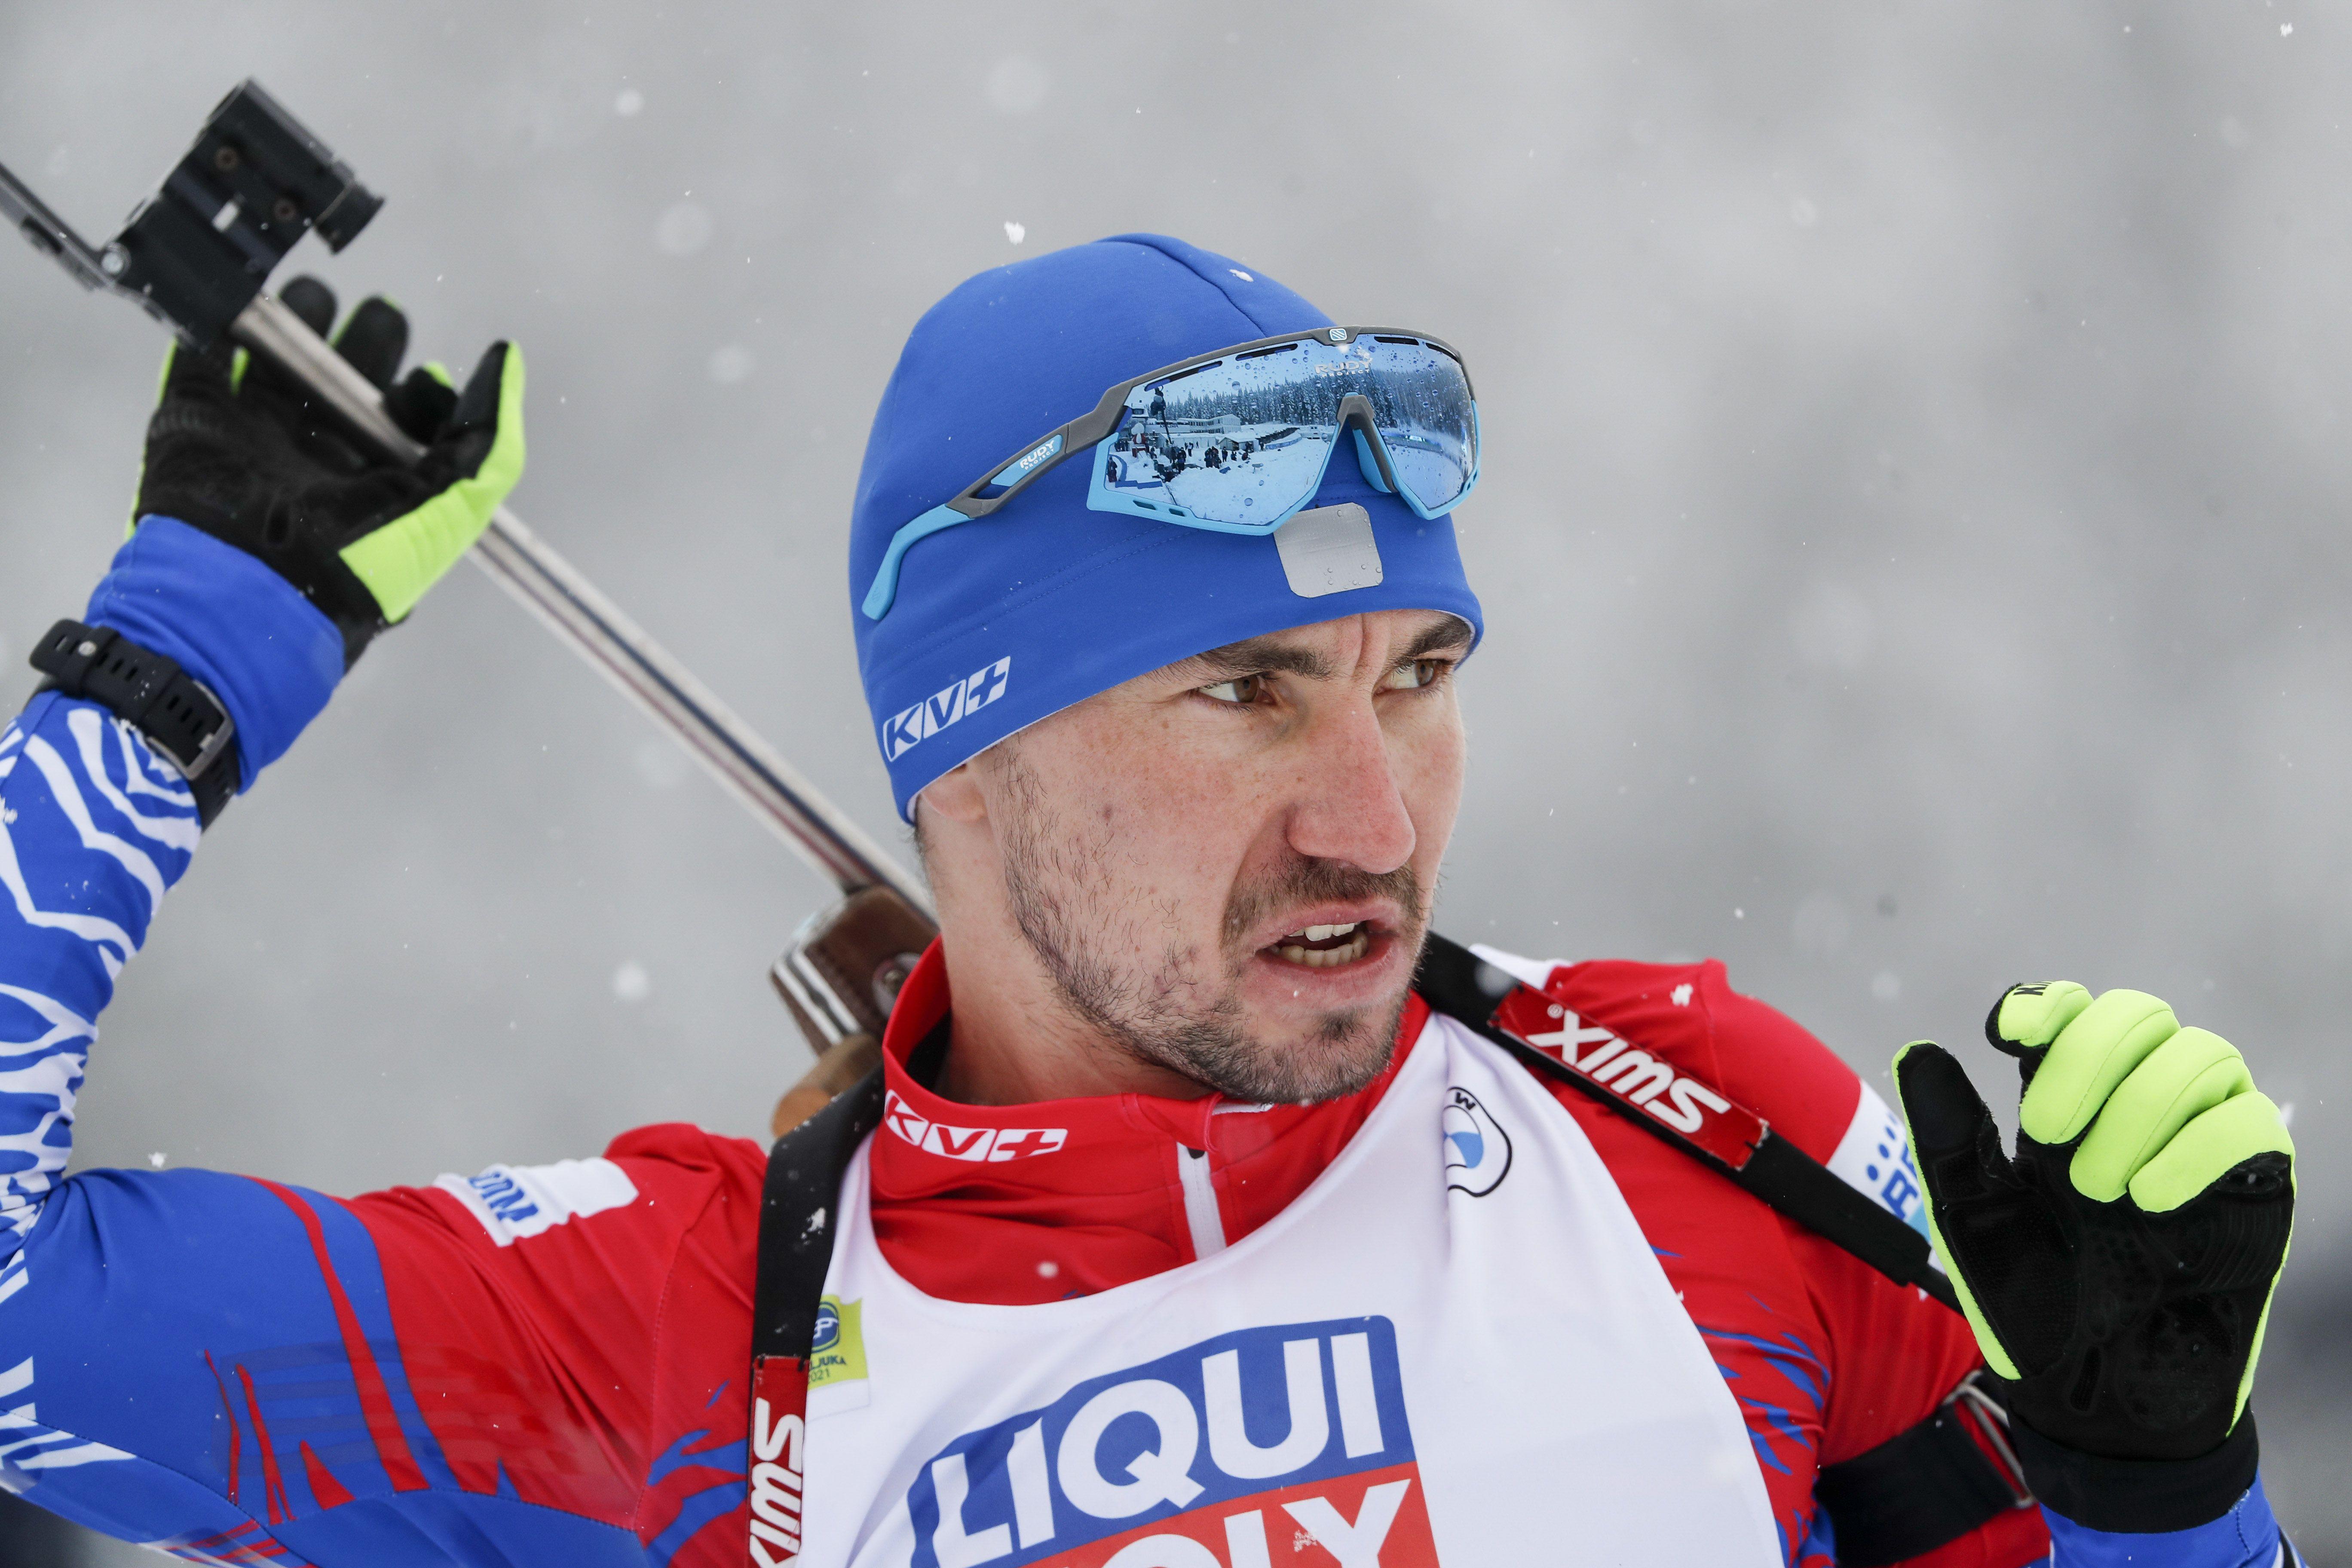 Чепиков: 'У россиян есть высокий шанс хорошо выступить в спринте'